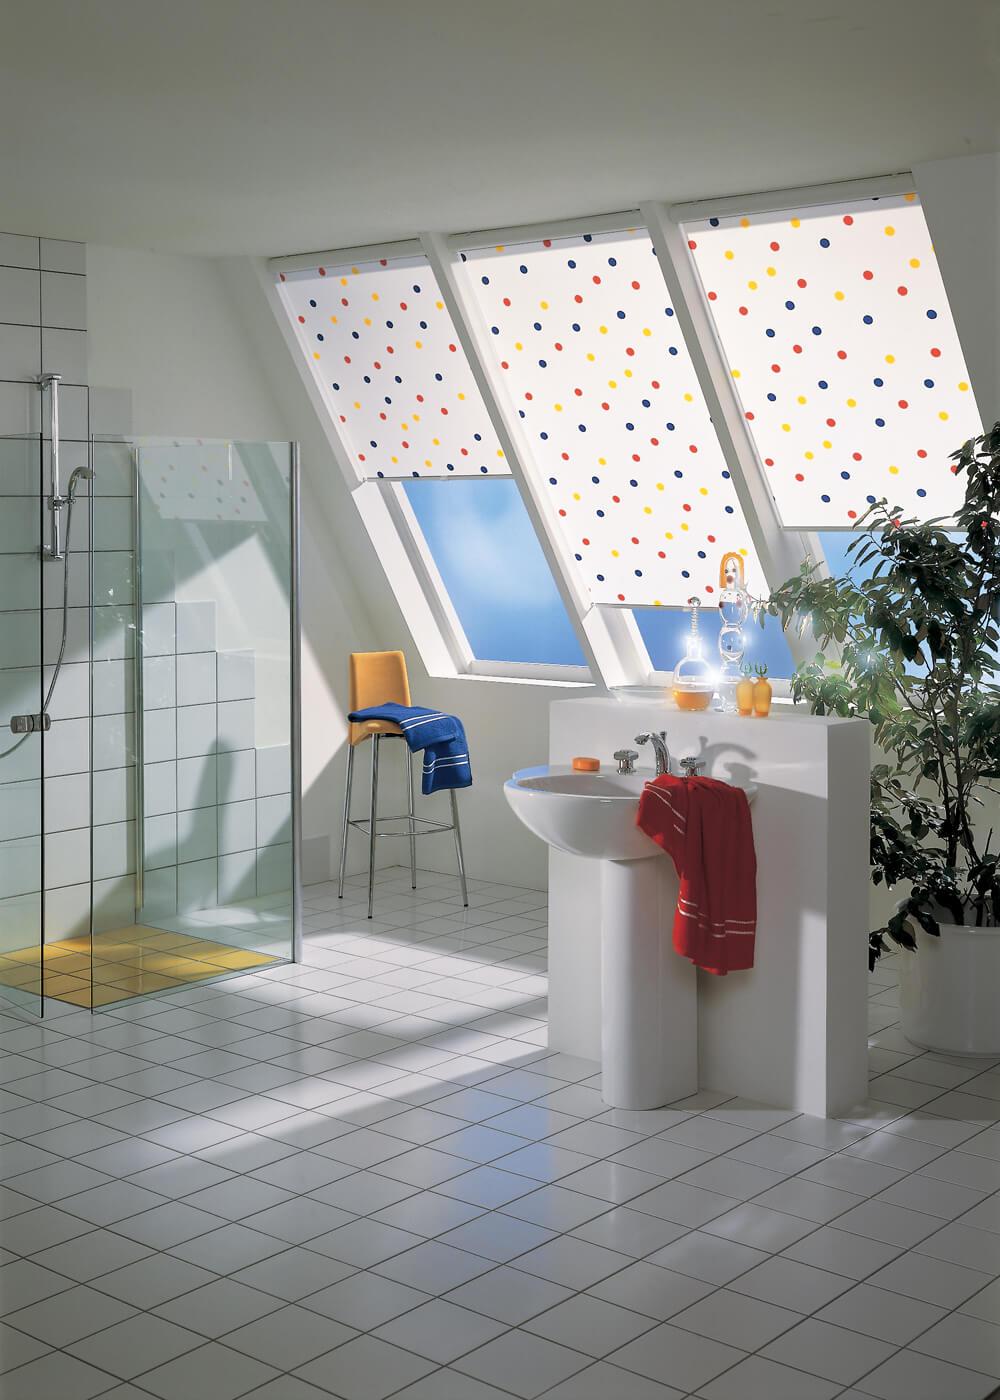 Dachfensterrollo von Interdeco